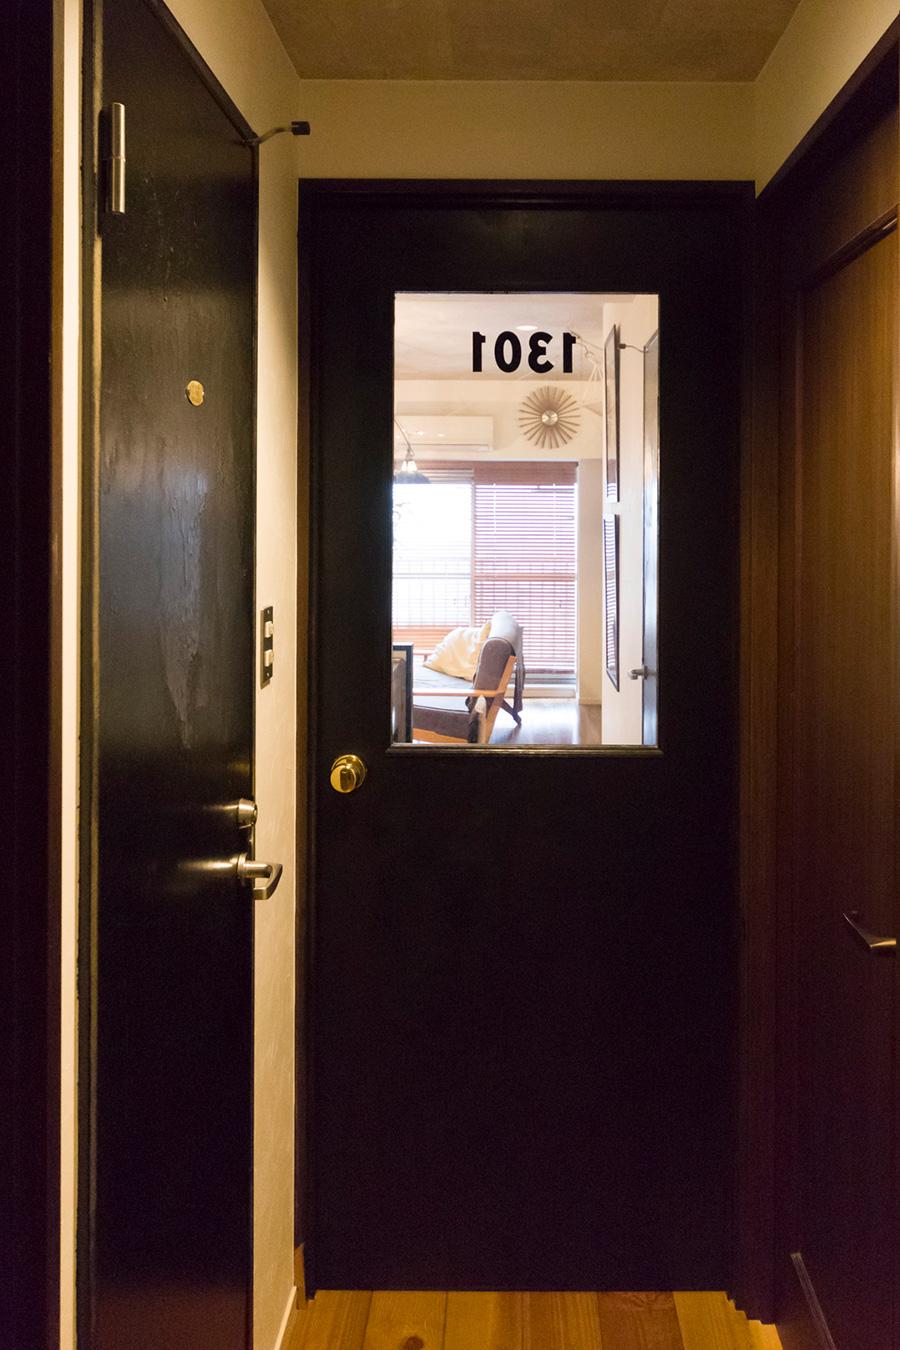 「ガラスが入ったドアは作ってもらったものです。金色のドアノブをつけ、色は黒に自分で塗り、数字のステッカーを貼りました」